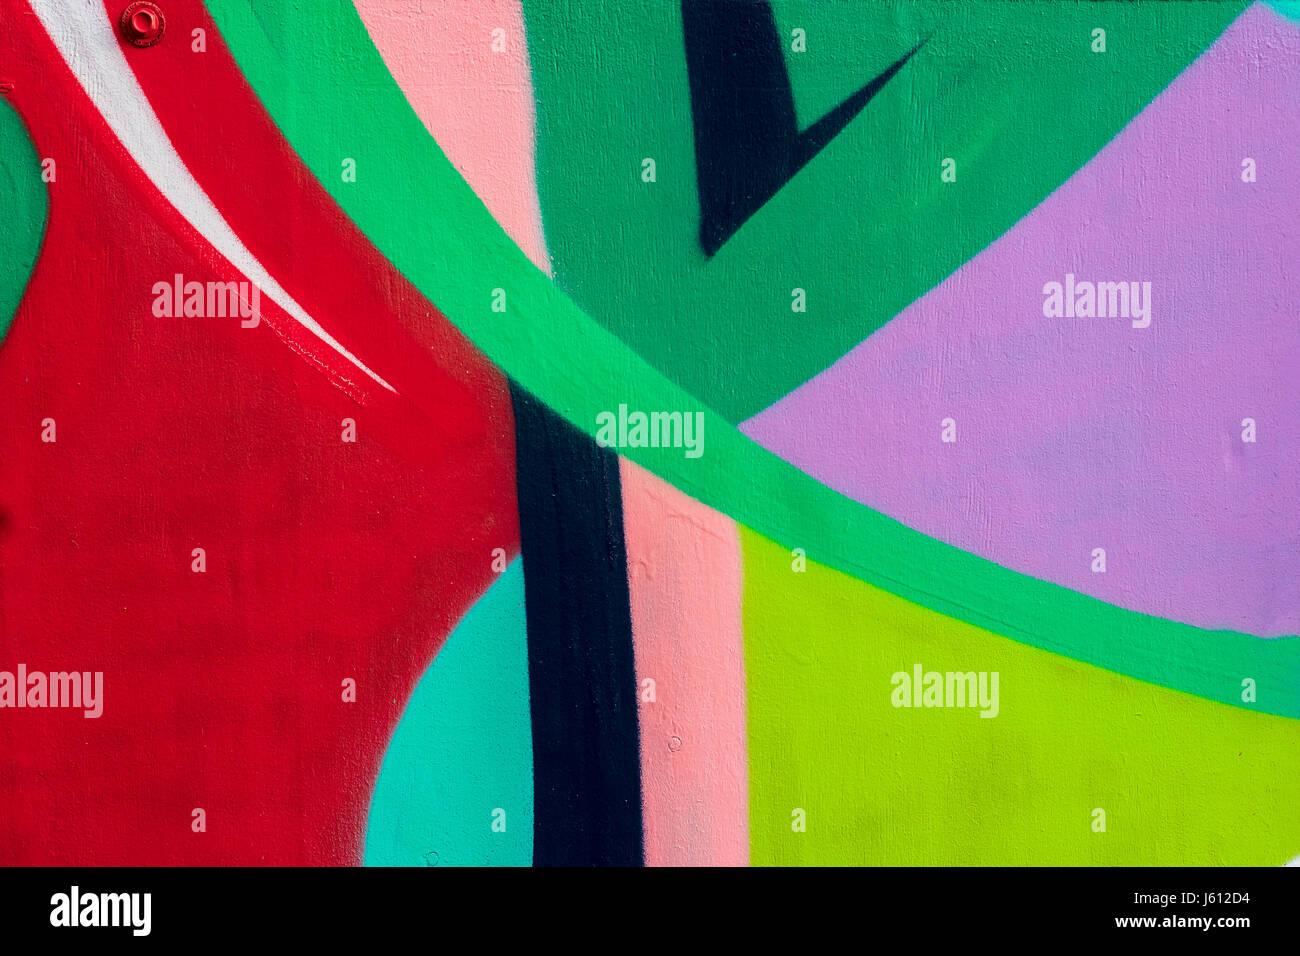 Fragment de mur lumineux avec détail des graffiti, street art. dessin créatif abstrait couleurs mode. Photo Stock